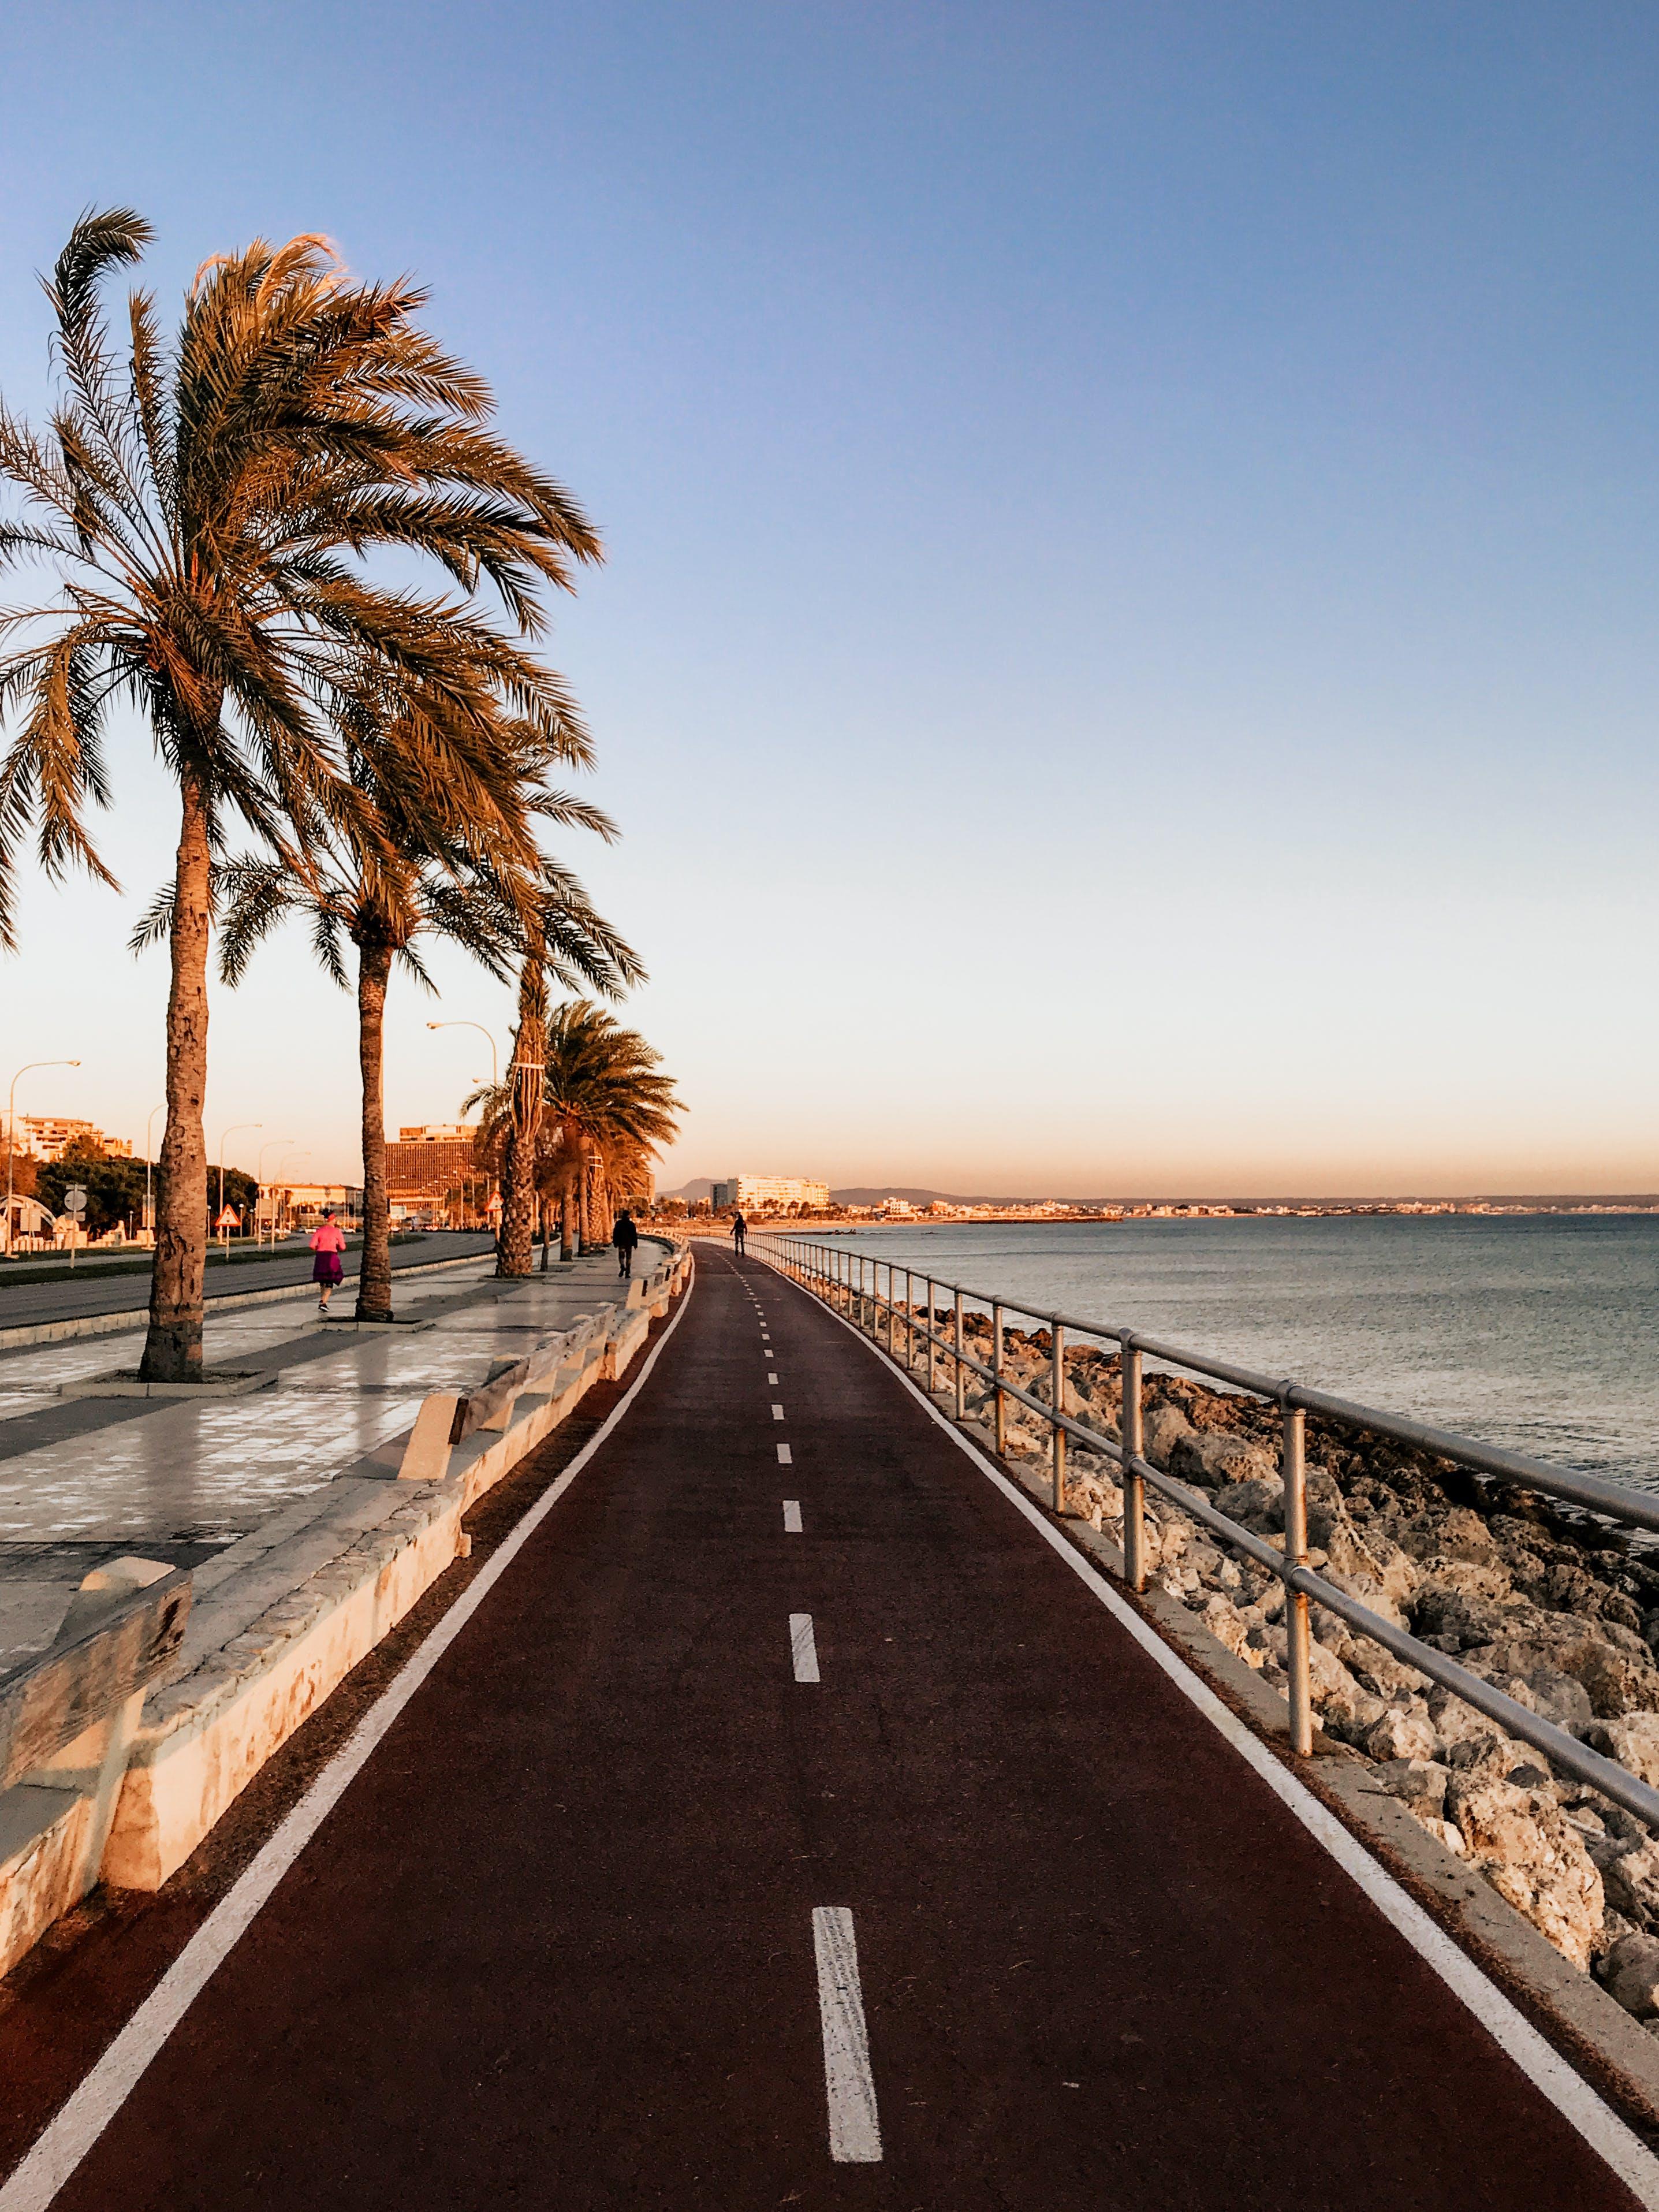 Δωρεάν στοκ φωτογραφιών με δέντρα, δρόμος, θάλασσα, Ισπανία